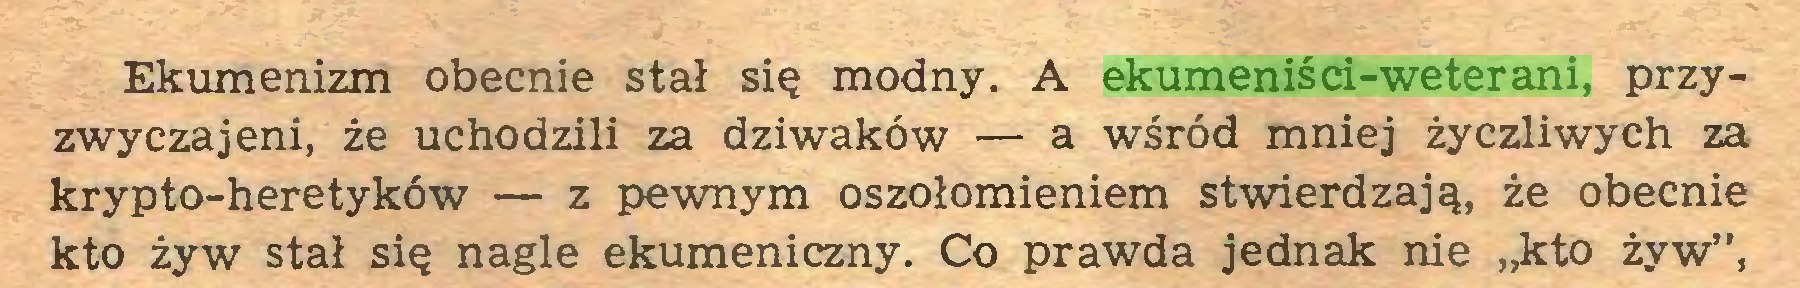 """(...) Ekumenizm obecnie stał się modny. A ekumeniści-weterani, przyzwyczajeni, że uchodzili za dziwaków — a wśród mniej życzliwych za krypto-heretyków — z pewnym oszołomieniem stwierdzają, że obecnie kto żyw stał się nagle ekumeniczny. Co prawda jednak nie """"kto żyw"""",..."""